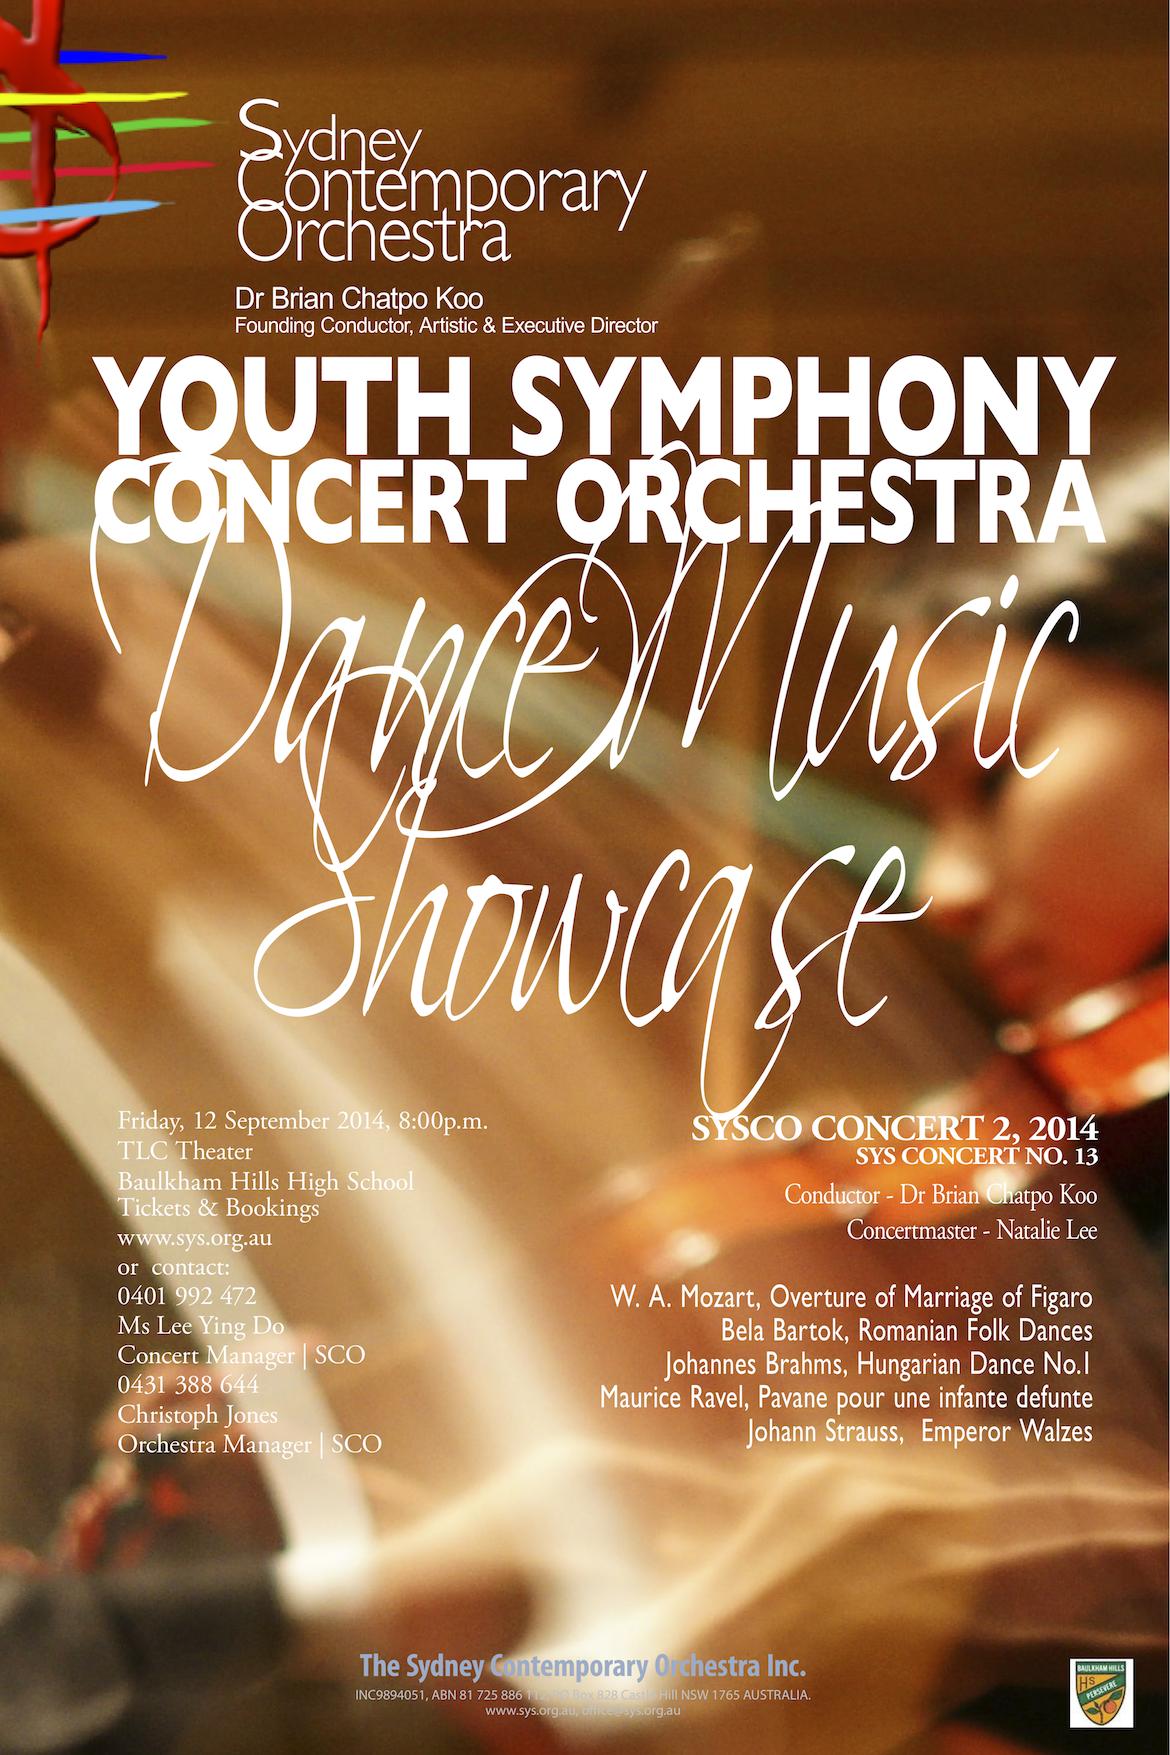 DANCE MUSIC SHOWCASE SYSCO CONCERT 2 2O14 (sys concert no.19)